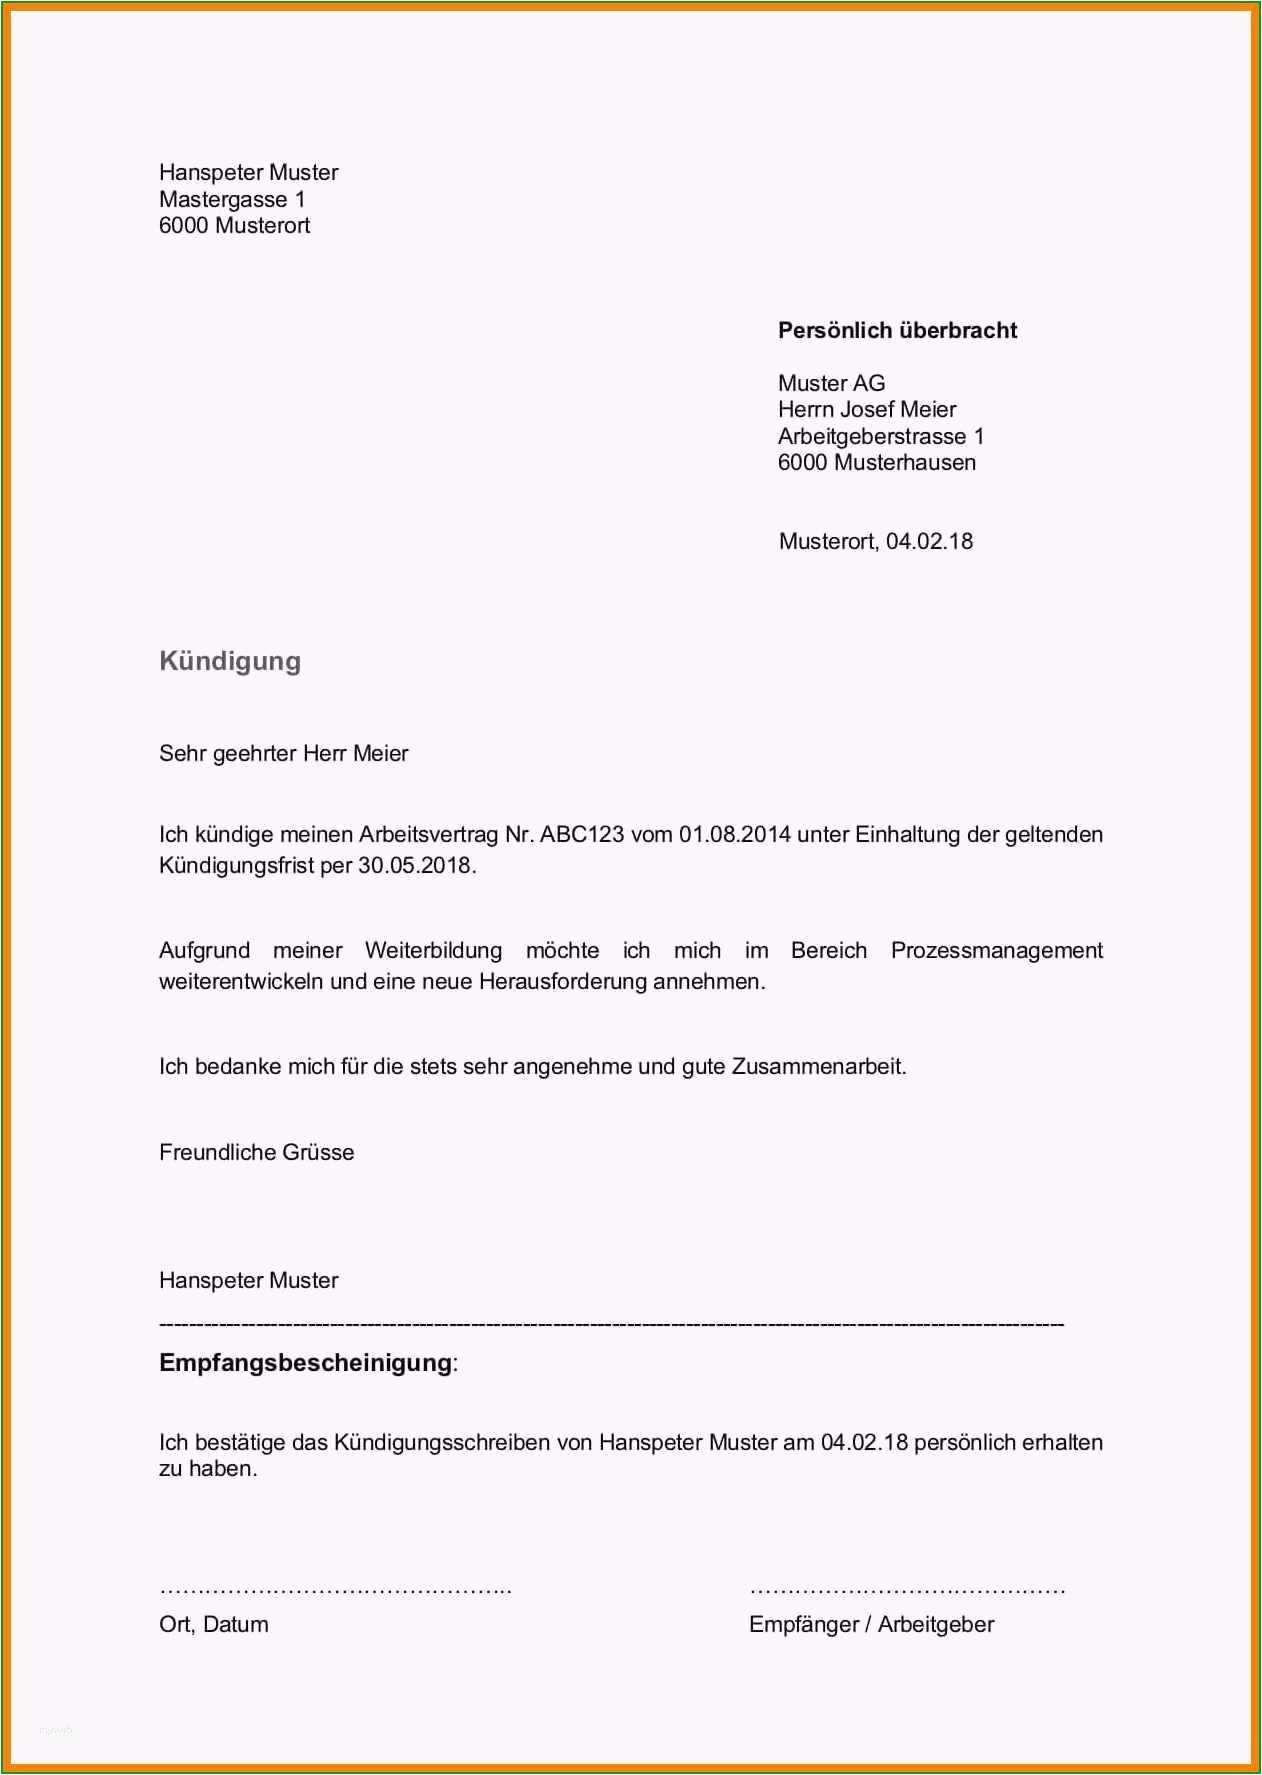 Nutzlich Hausarztvertrag Kundigen Vorlage In 2020 Vorlagen Kundigung Schreiben Empfehlungsschreiben